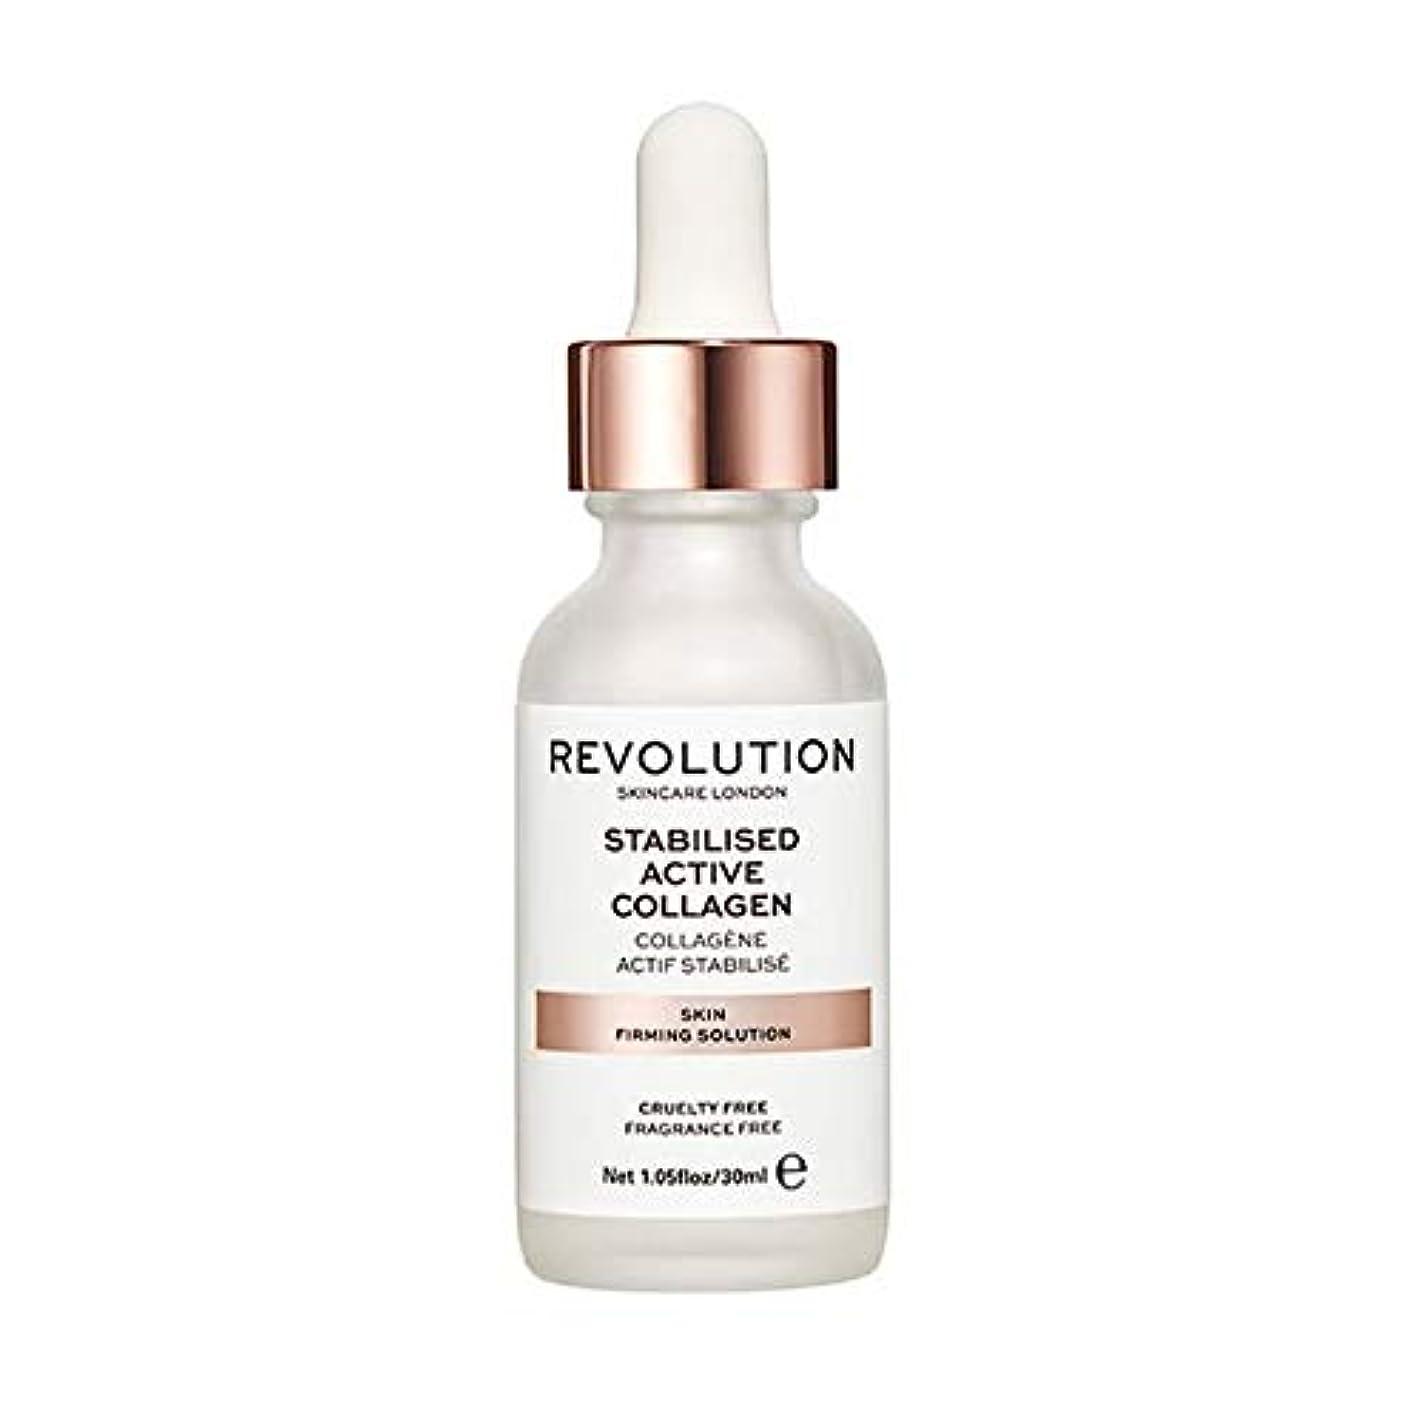 絶対のである確執[Revolution ] 革命スキンケア肌の引き締めソリューション - Revolution Skincare Skin Firming Solution [並行輸入品]